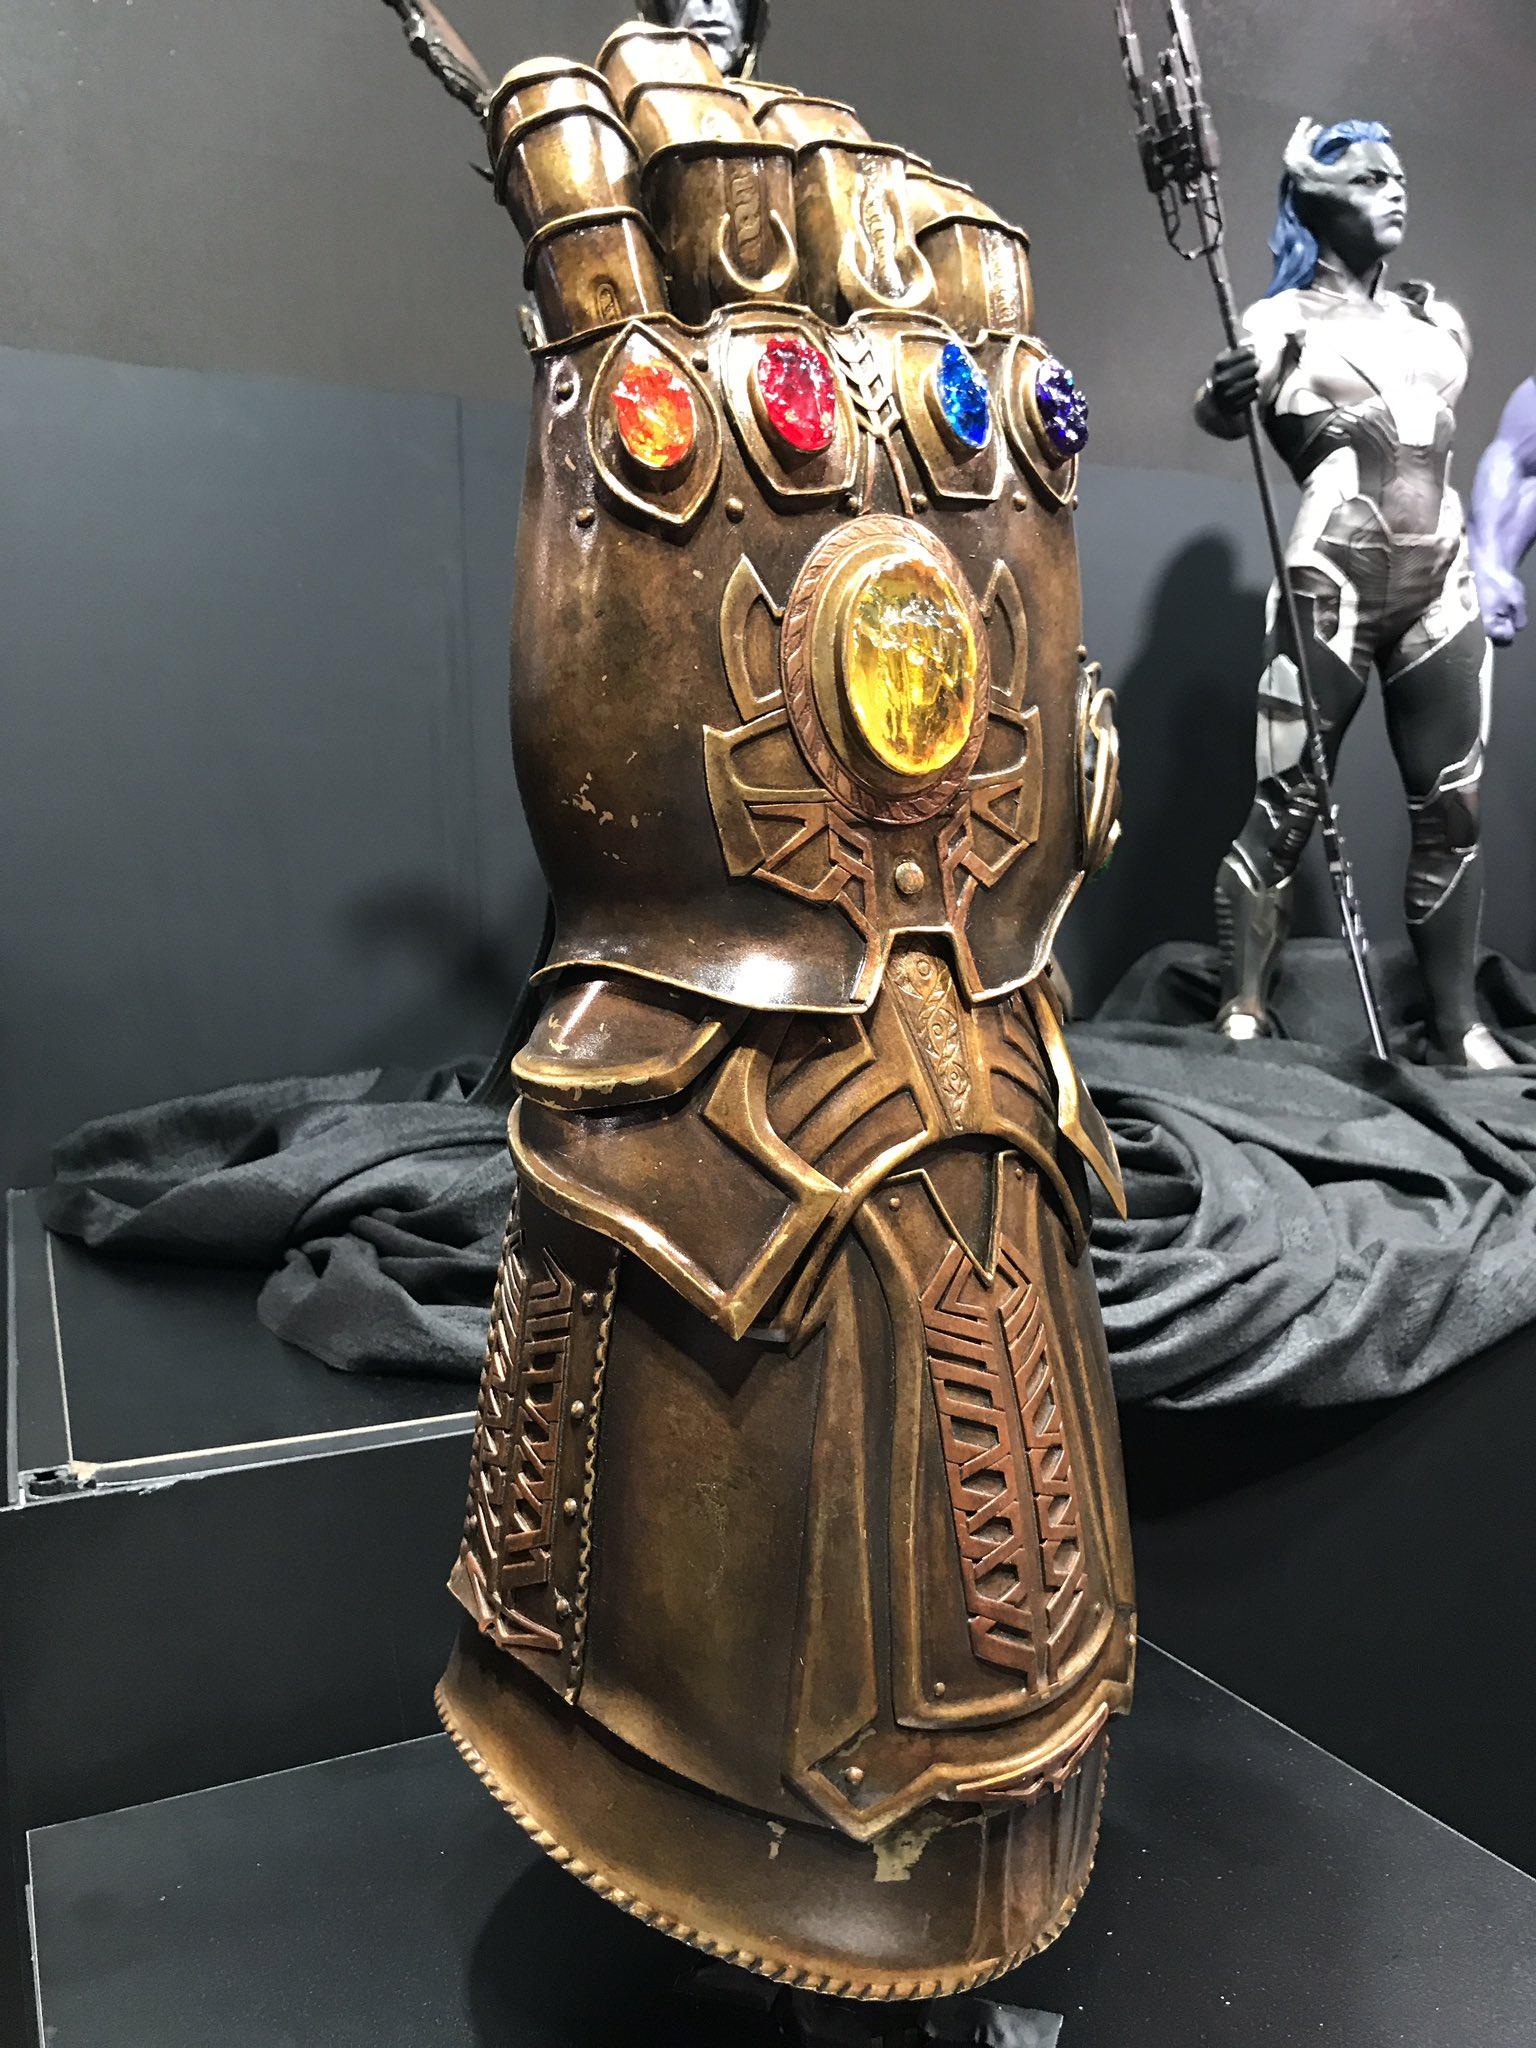 Photo du film Avengers: Infinity War au D23 2017 avec le Gant de l'Infini